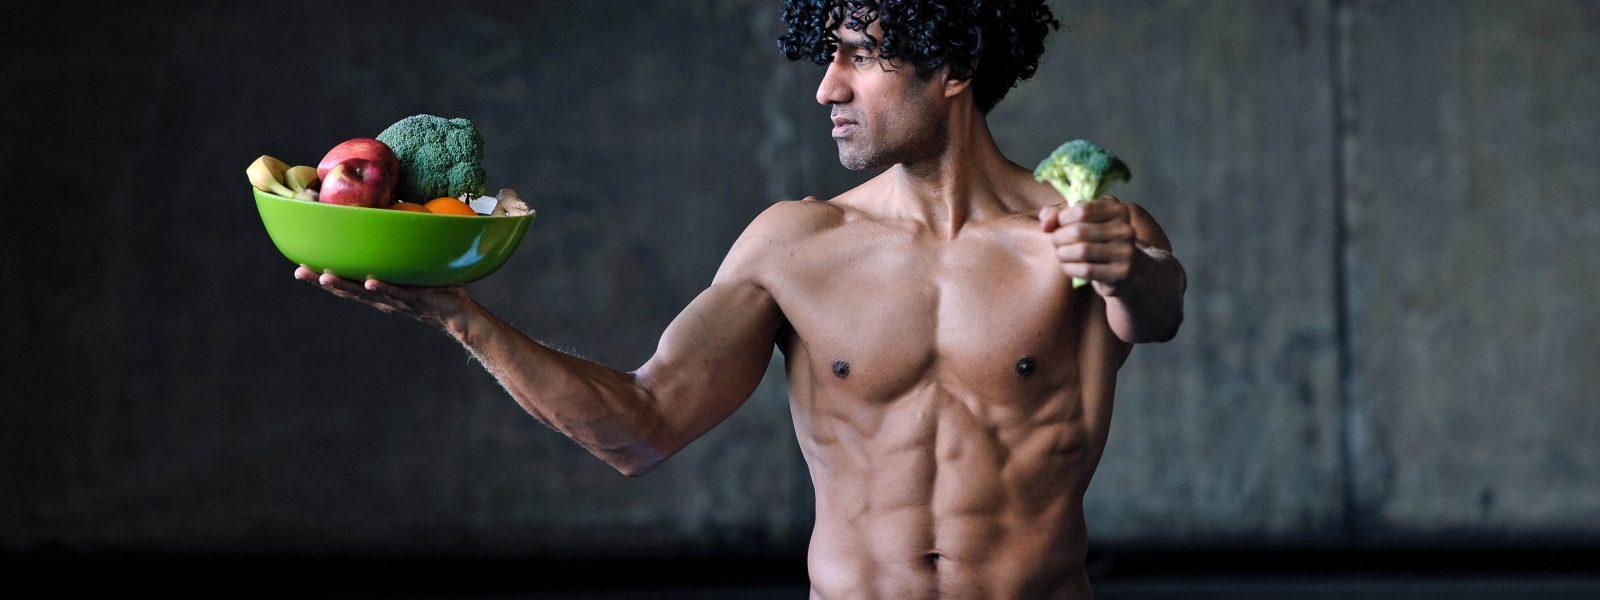 VeganFood-FitnessCoach Karlo Grados, persönliche Ernährungsberatung